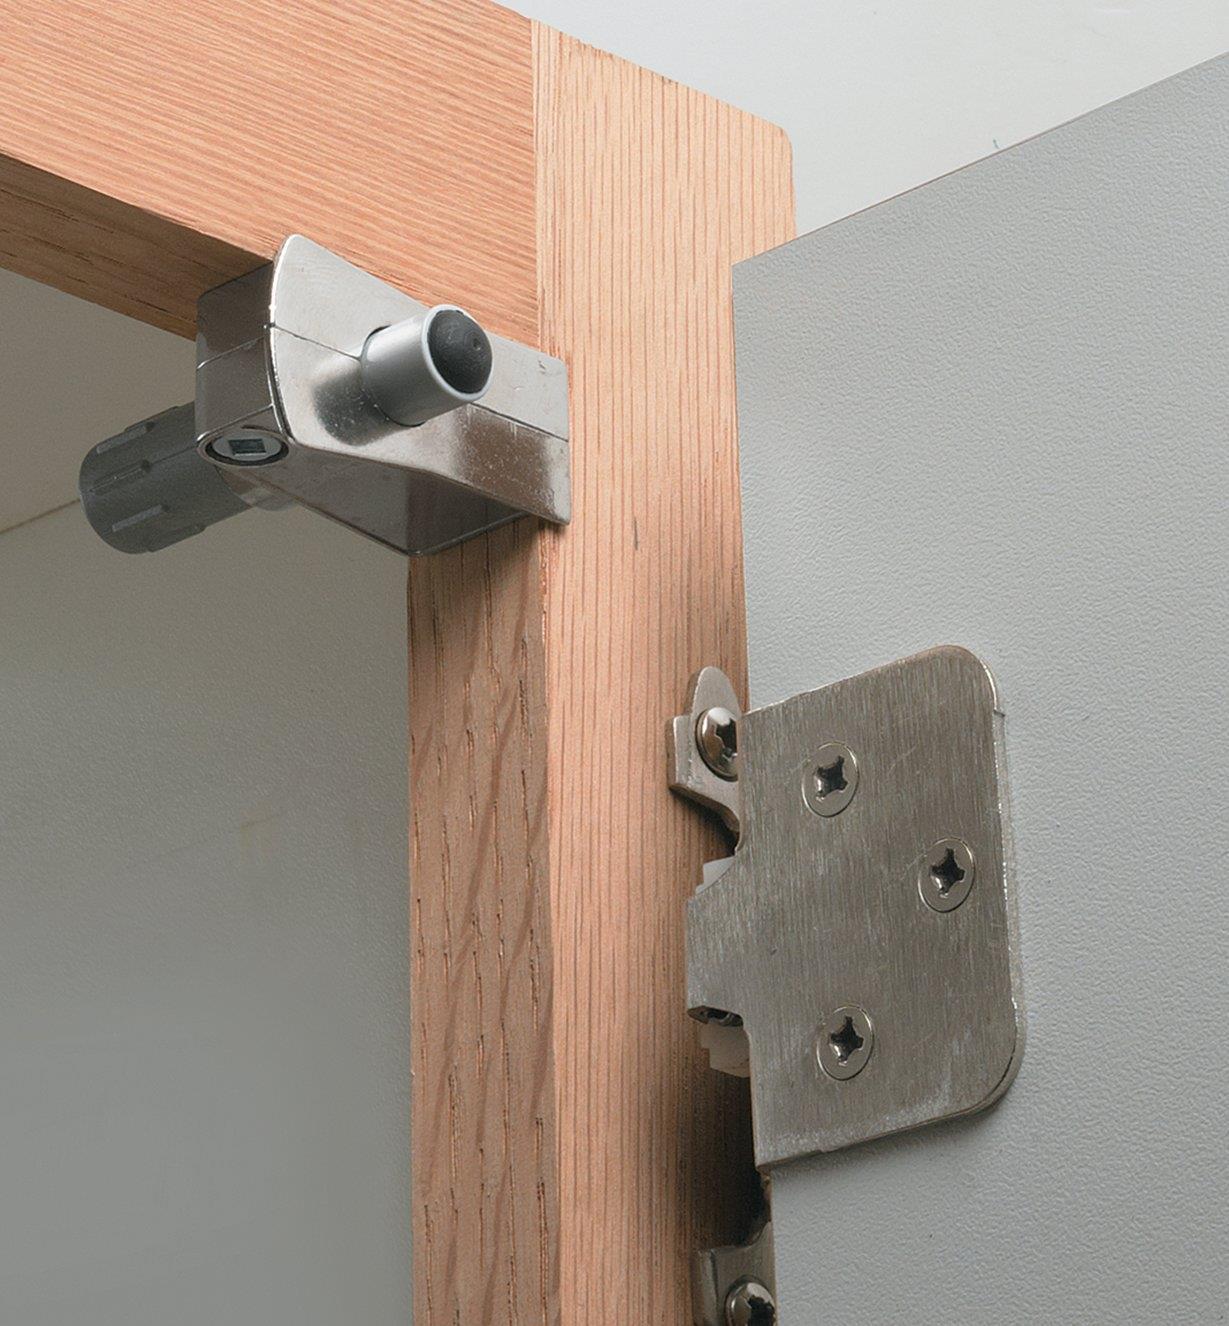 Door Damper installed in a cabinet door frame